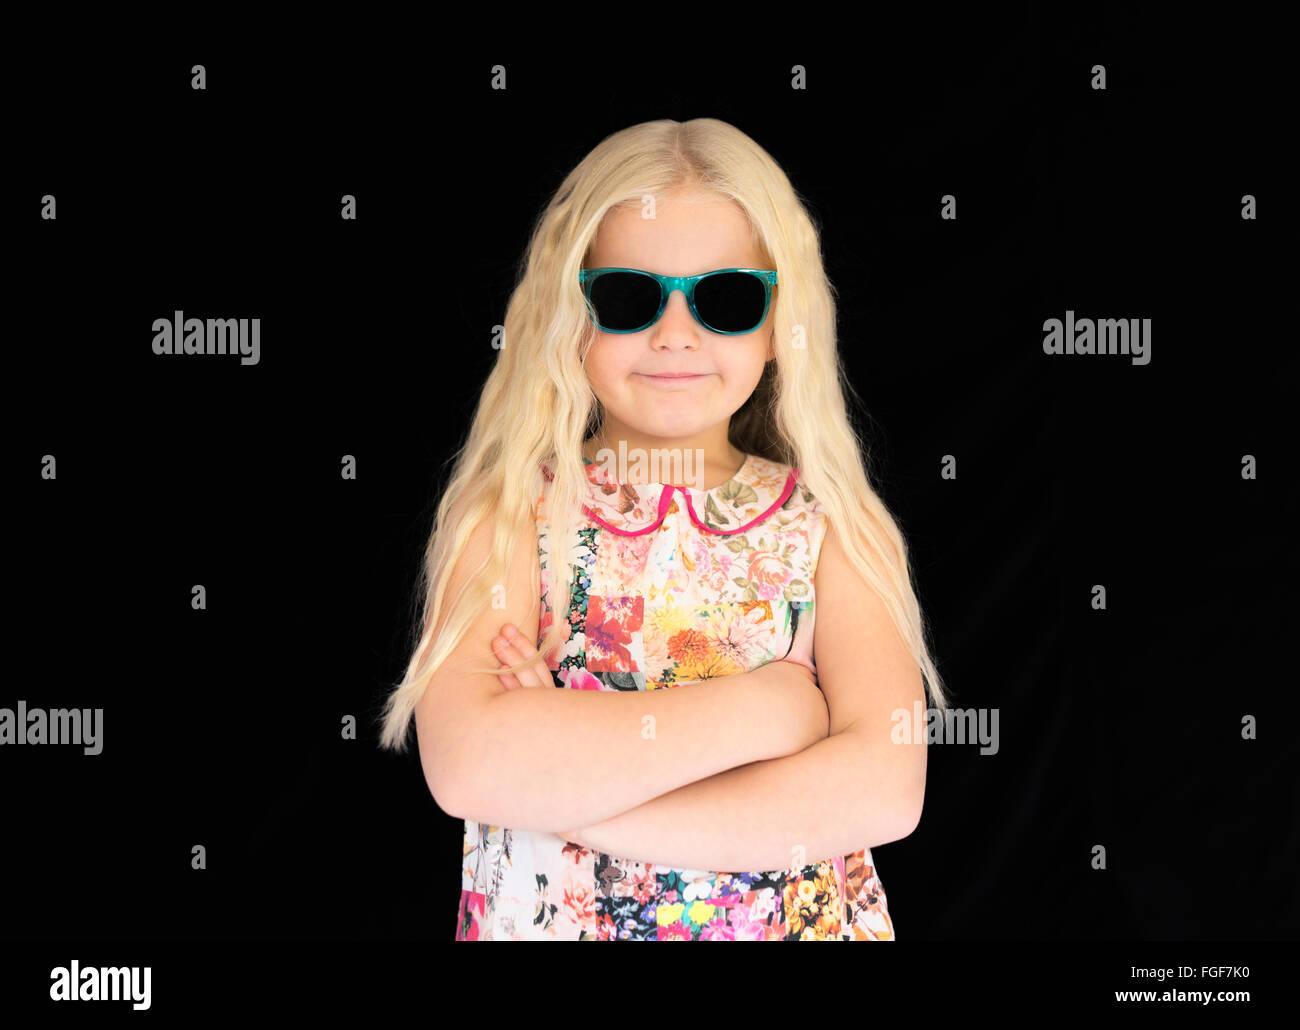 Joven con largo pelo rubio con gafas de sol, sonriendo Imagen De Stock